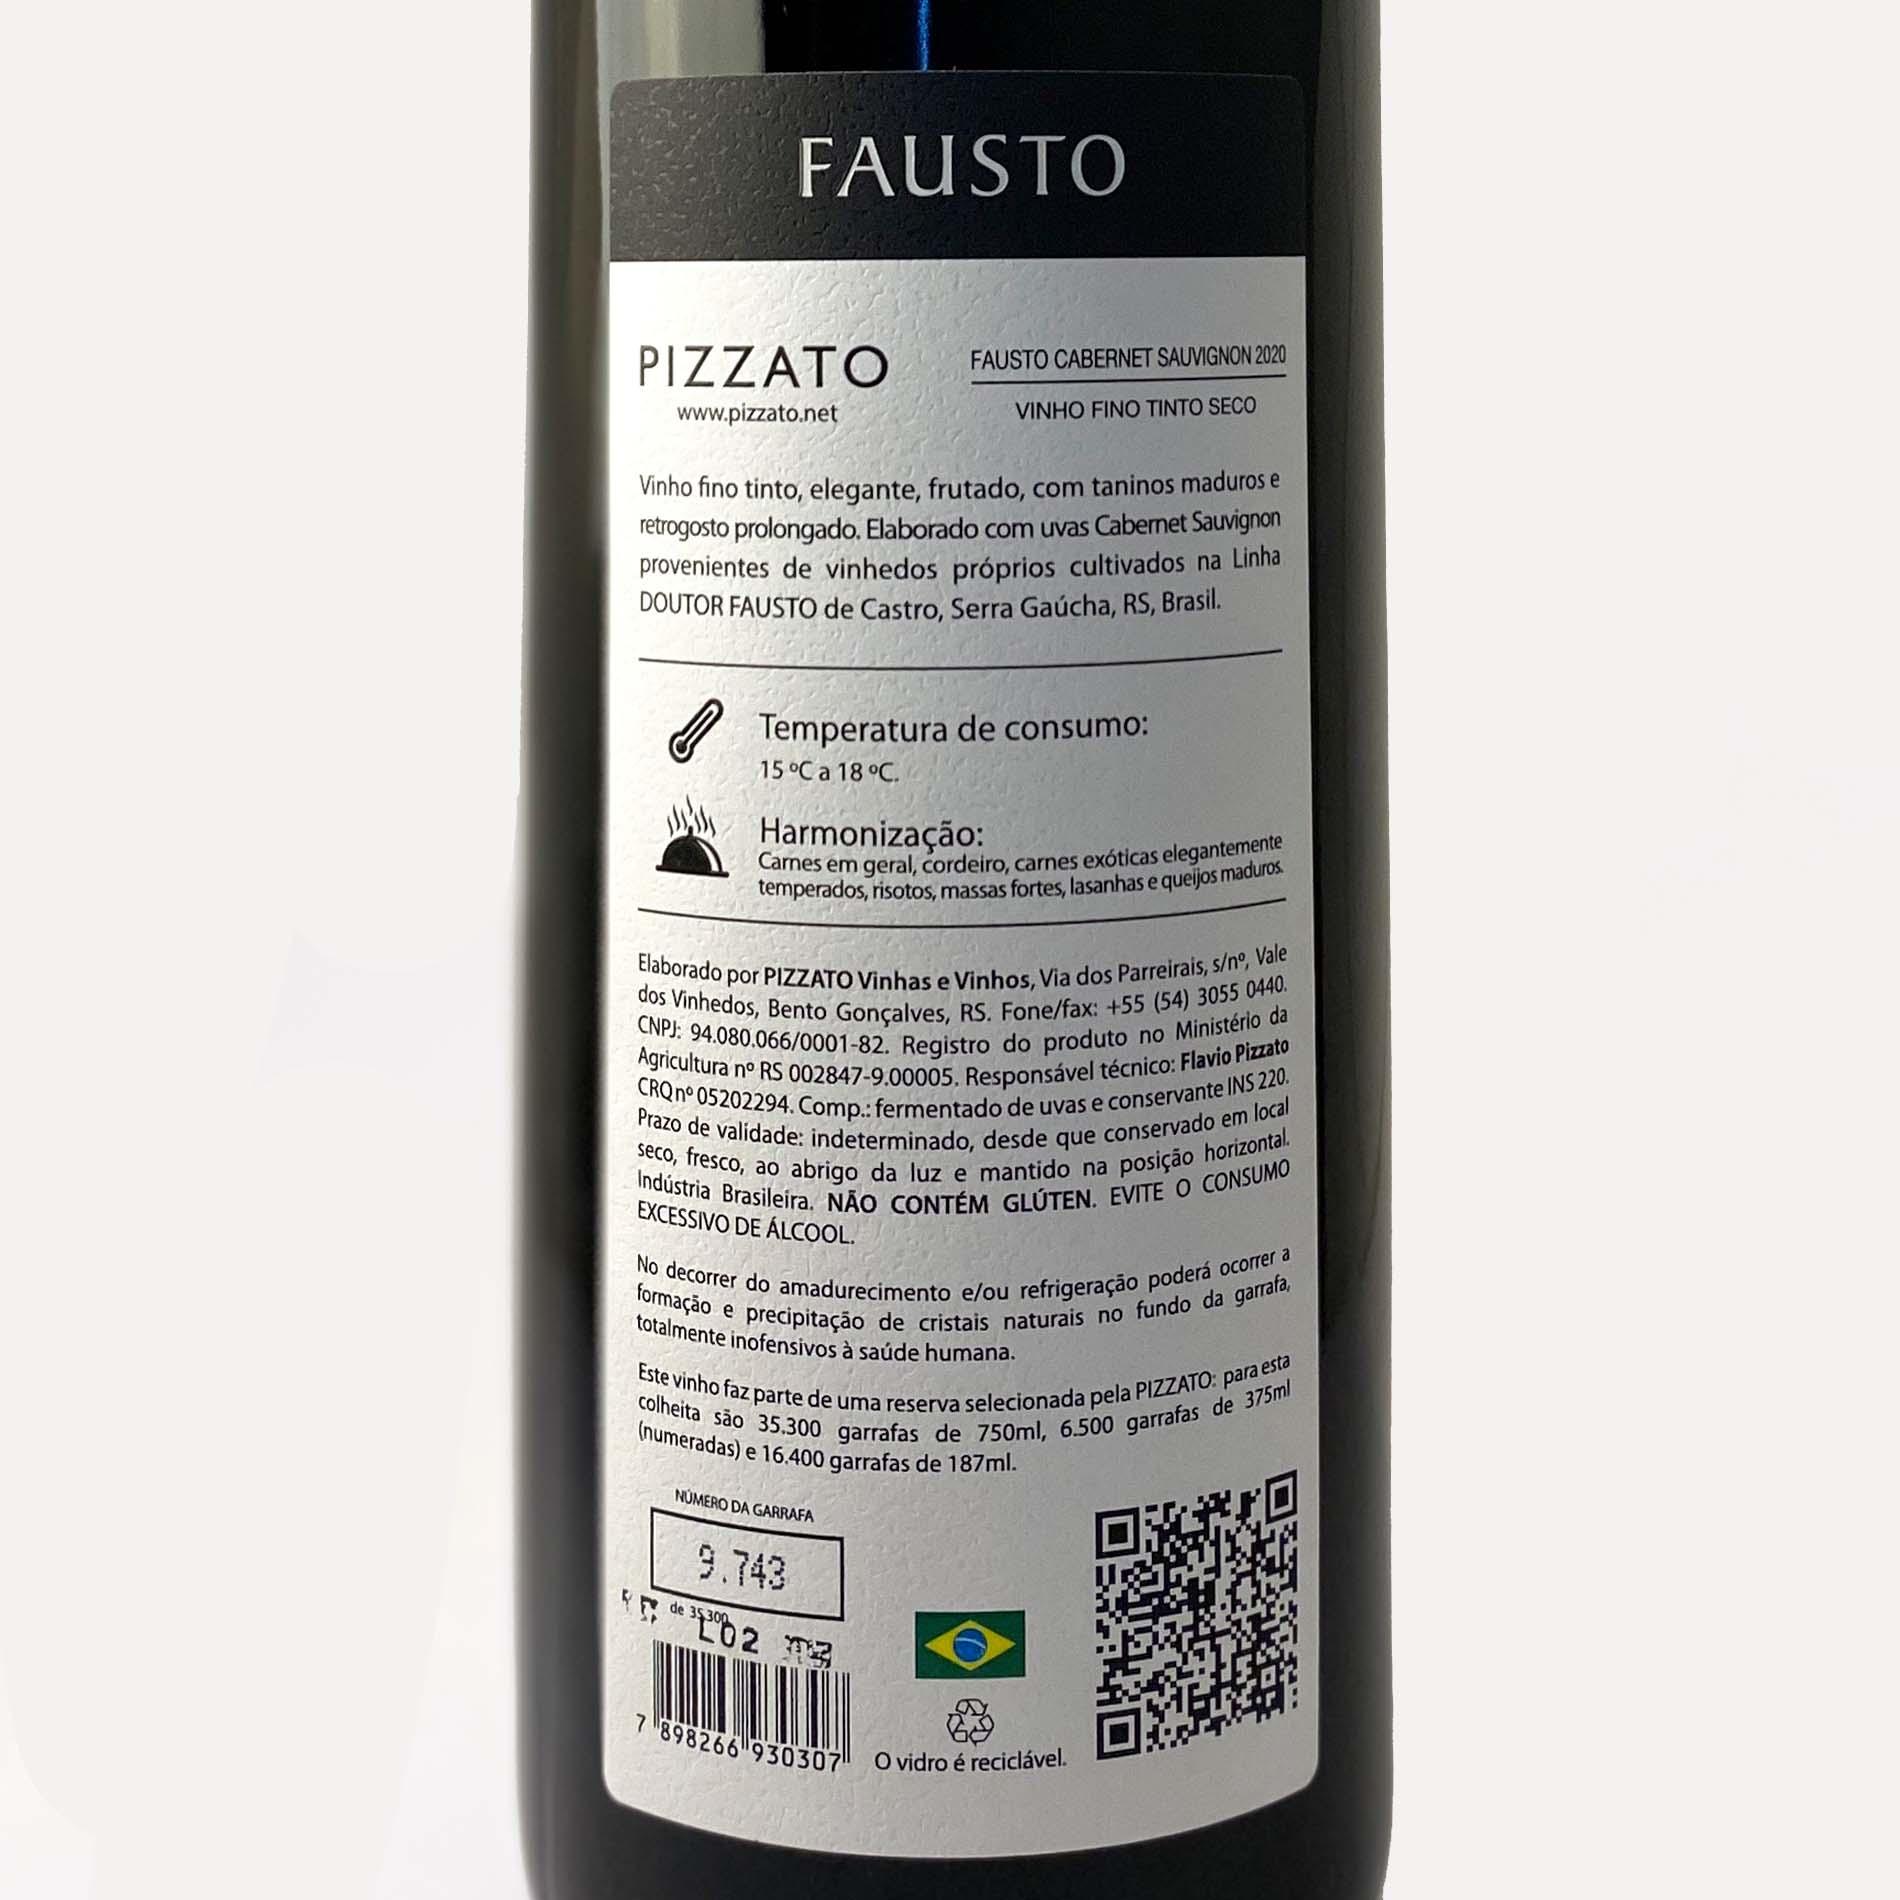 FAUSTO (de Pizzato) Cabernet Sauvignon  - Vinerize